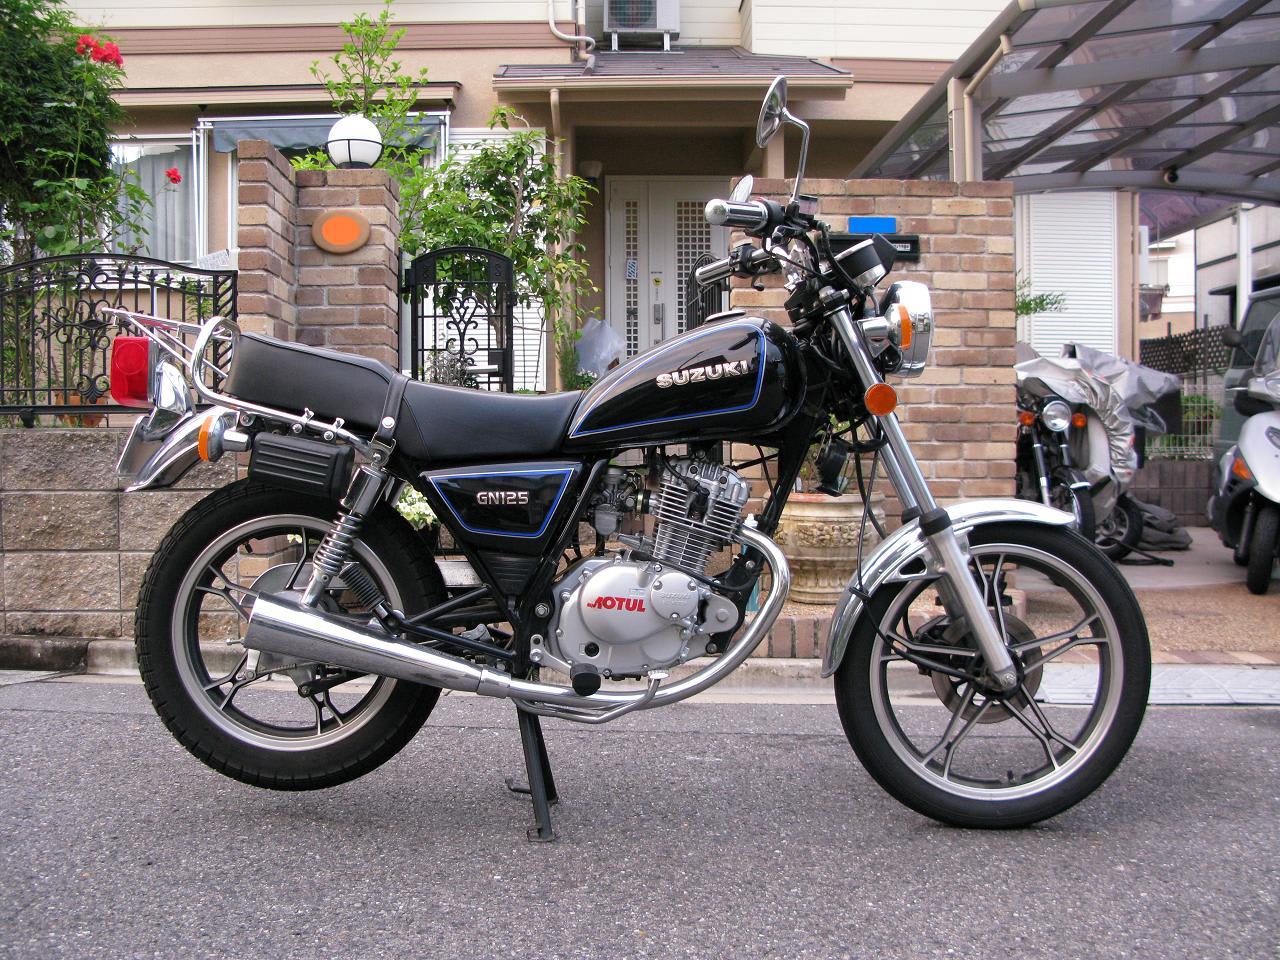 gt125 gn125该选谁 - 摩托车论坛 - 济南铃木 - 摩